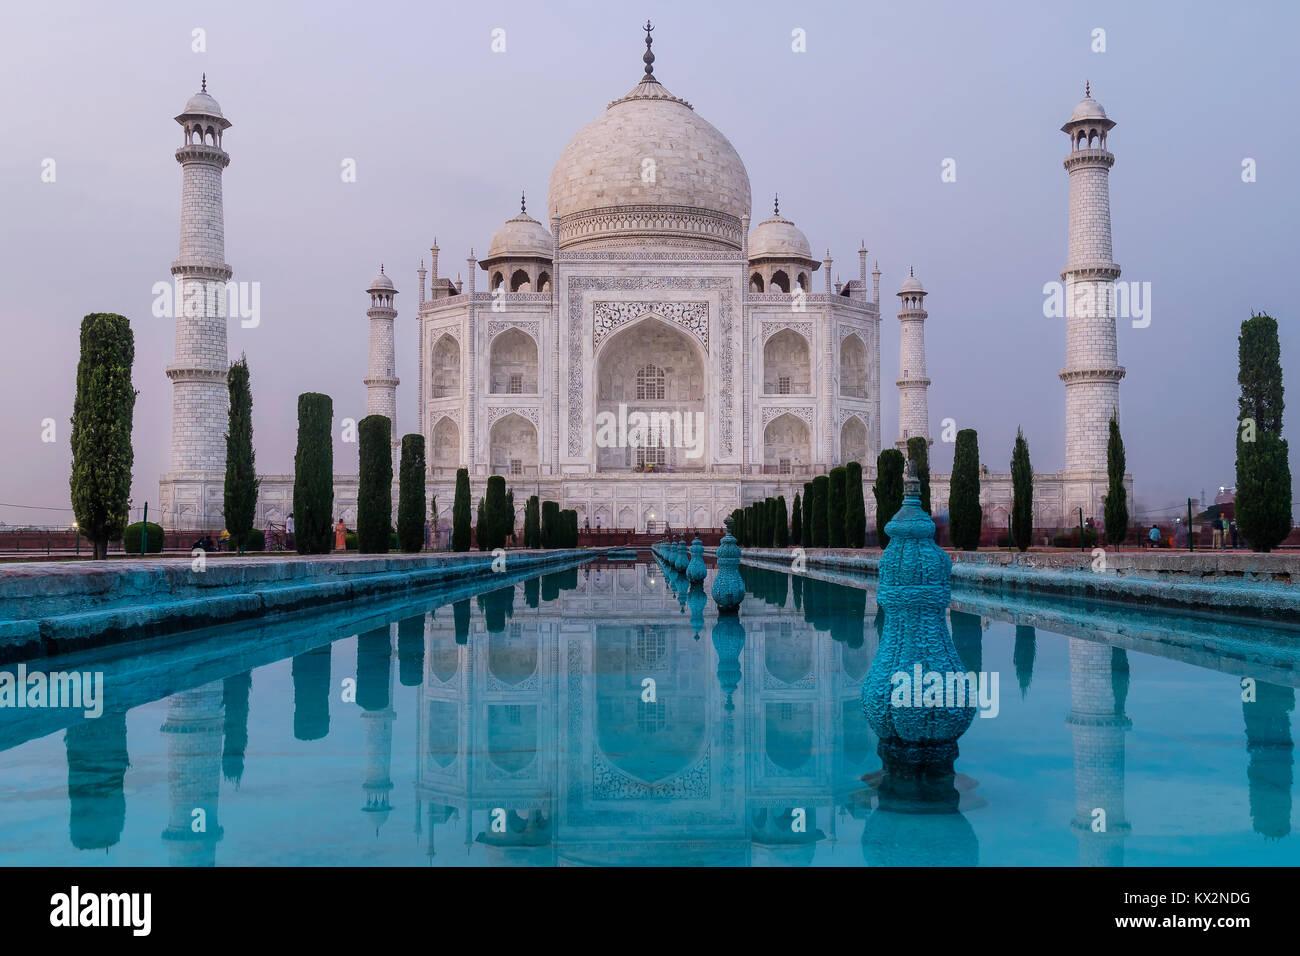 Taj Mahal en la luz de la tarde, Agra, Uttar Pradesh, India Imagen De Stock